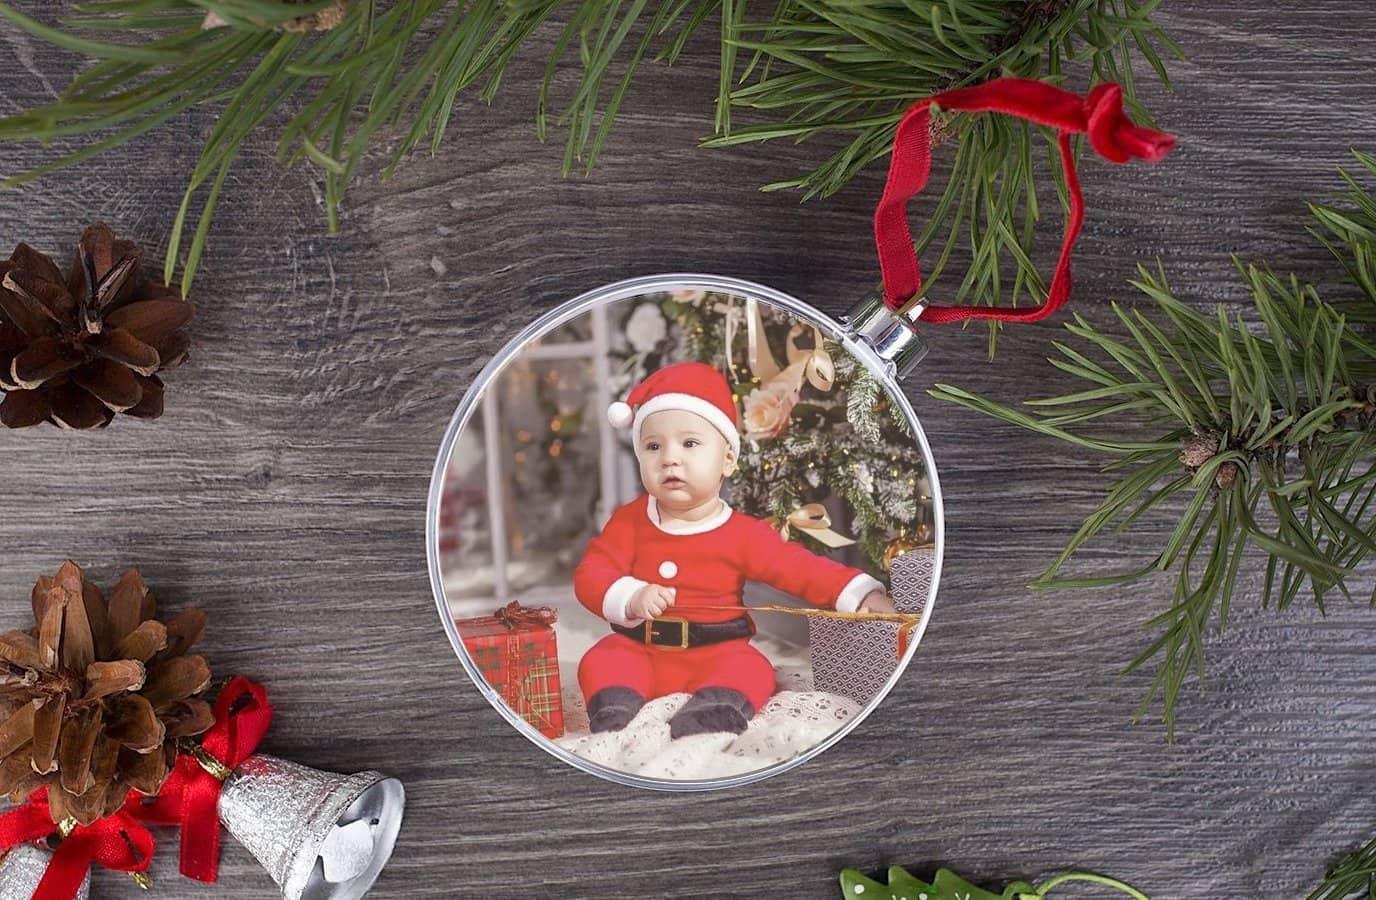 Ёлочные игрушки с фотографиями - интересная задумка, которая придется по душе и взрослым и детям